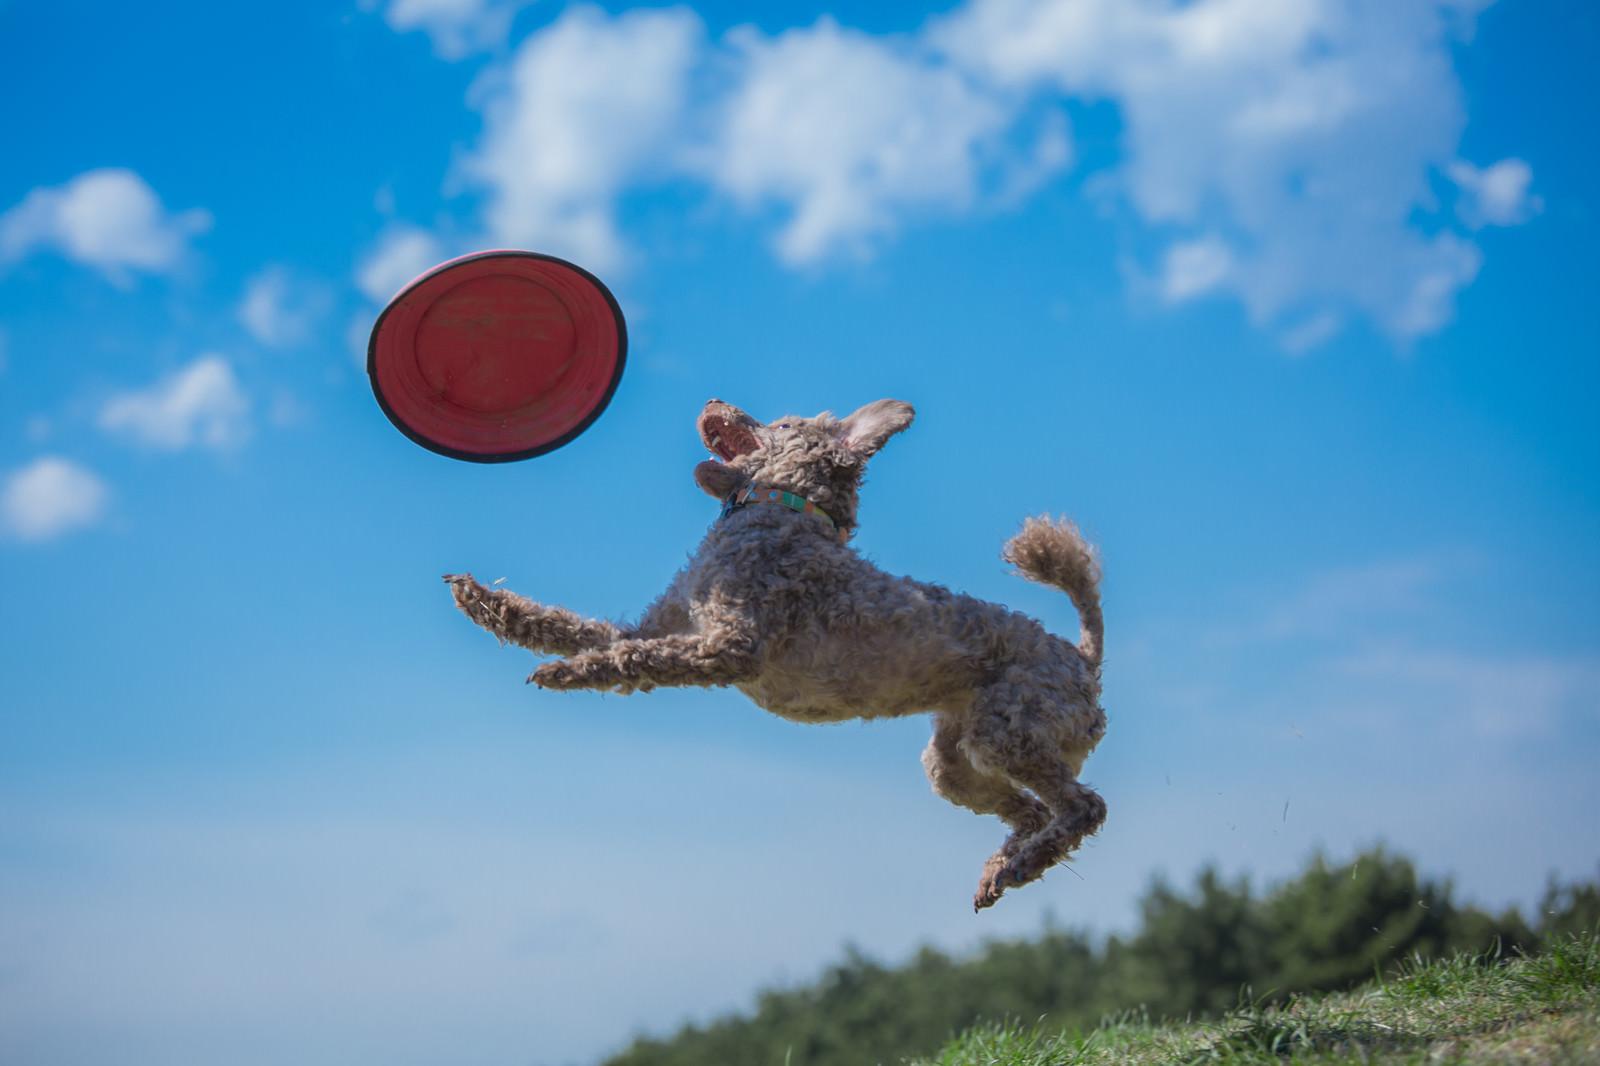 「犬と一緒にフリスビーで遊ぶ犬と一緒にフリスビーで遊ぶ」のフリー写真素材を拡大